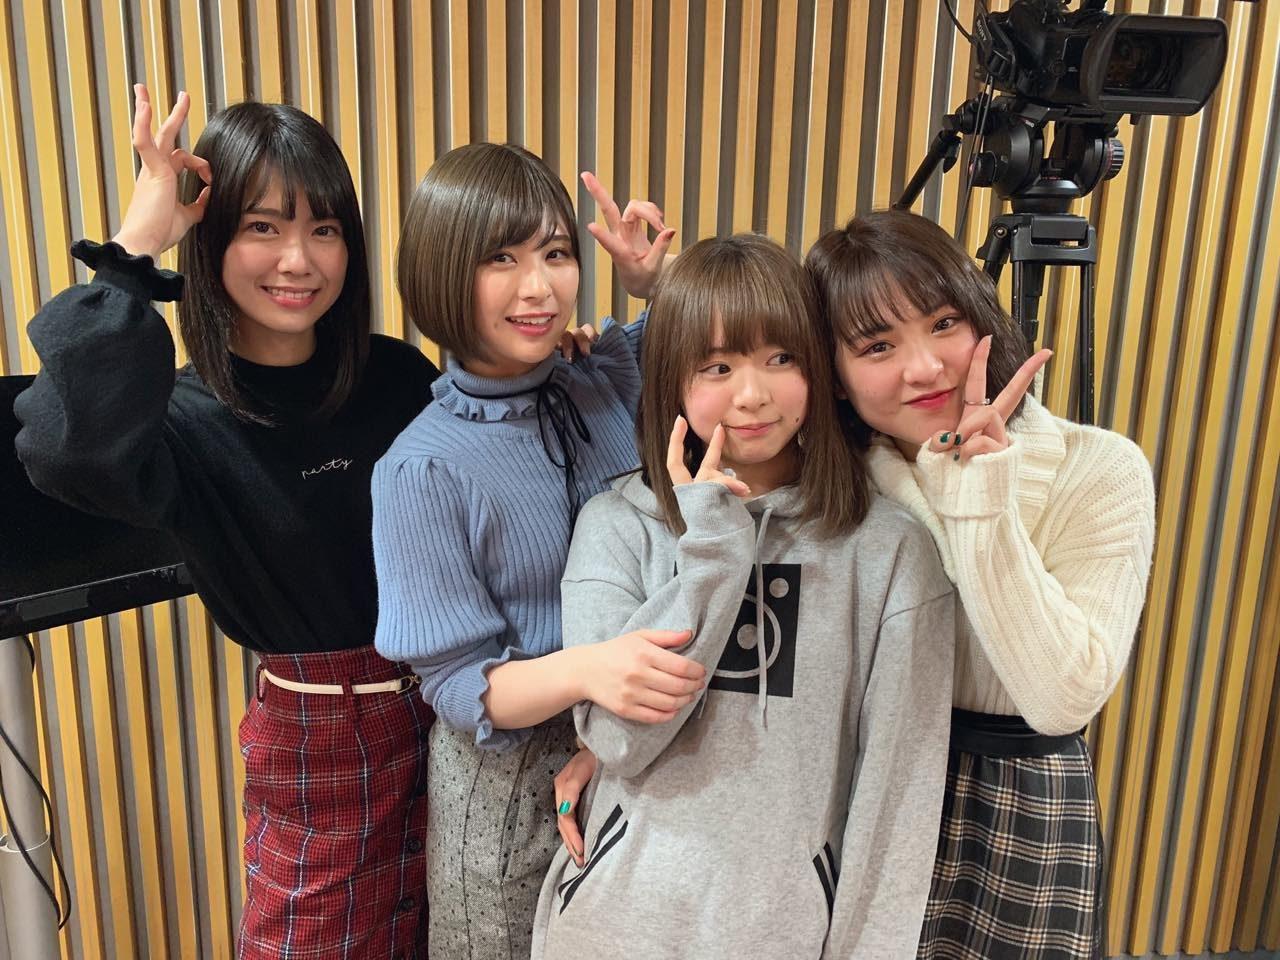 AKB48小田えりな・佐藤栞・山田菜々美・倉野尾成美「AKB48のオールナイトニッポン」オフショット